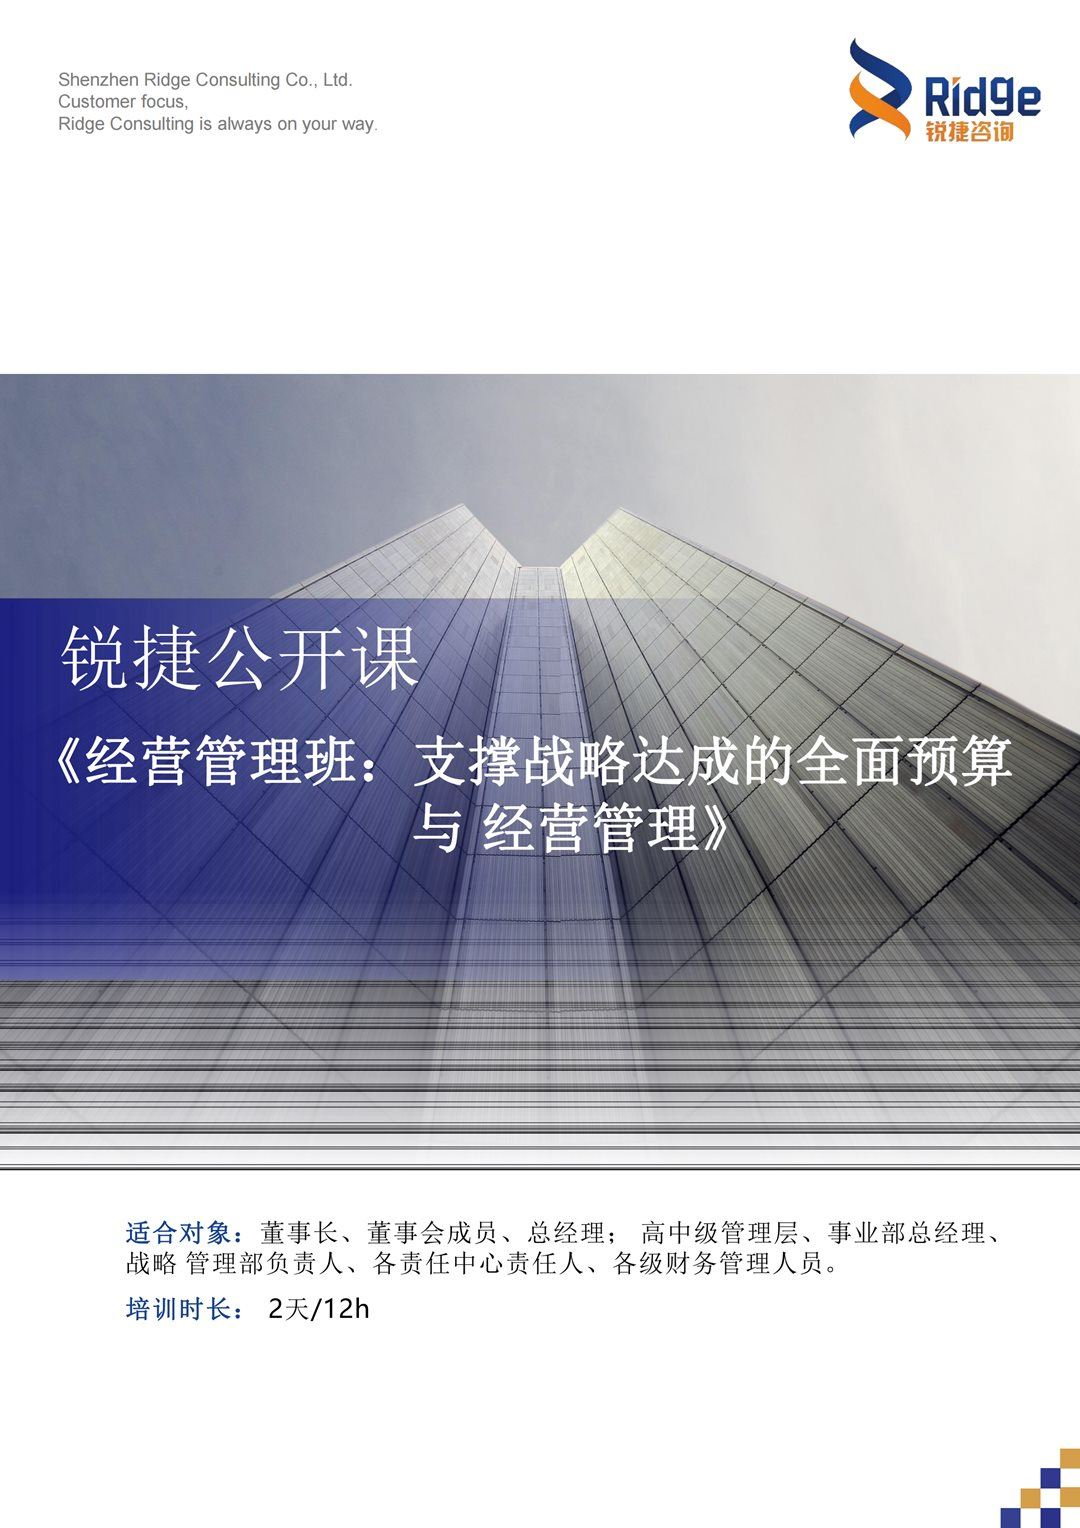 【4月经营管理班】支撑战略的全面预算和经营管理》_00.png